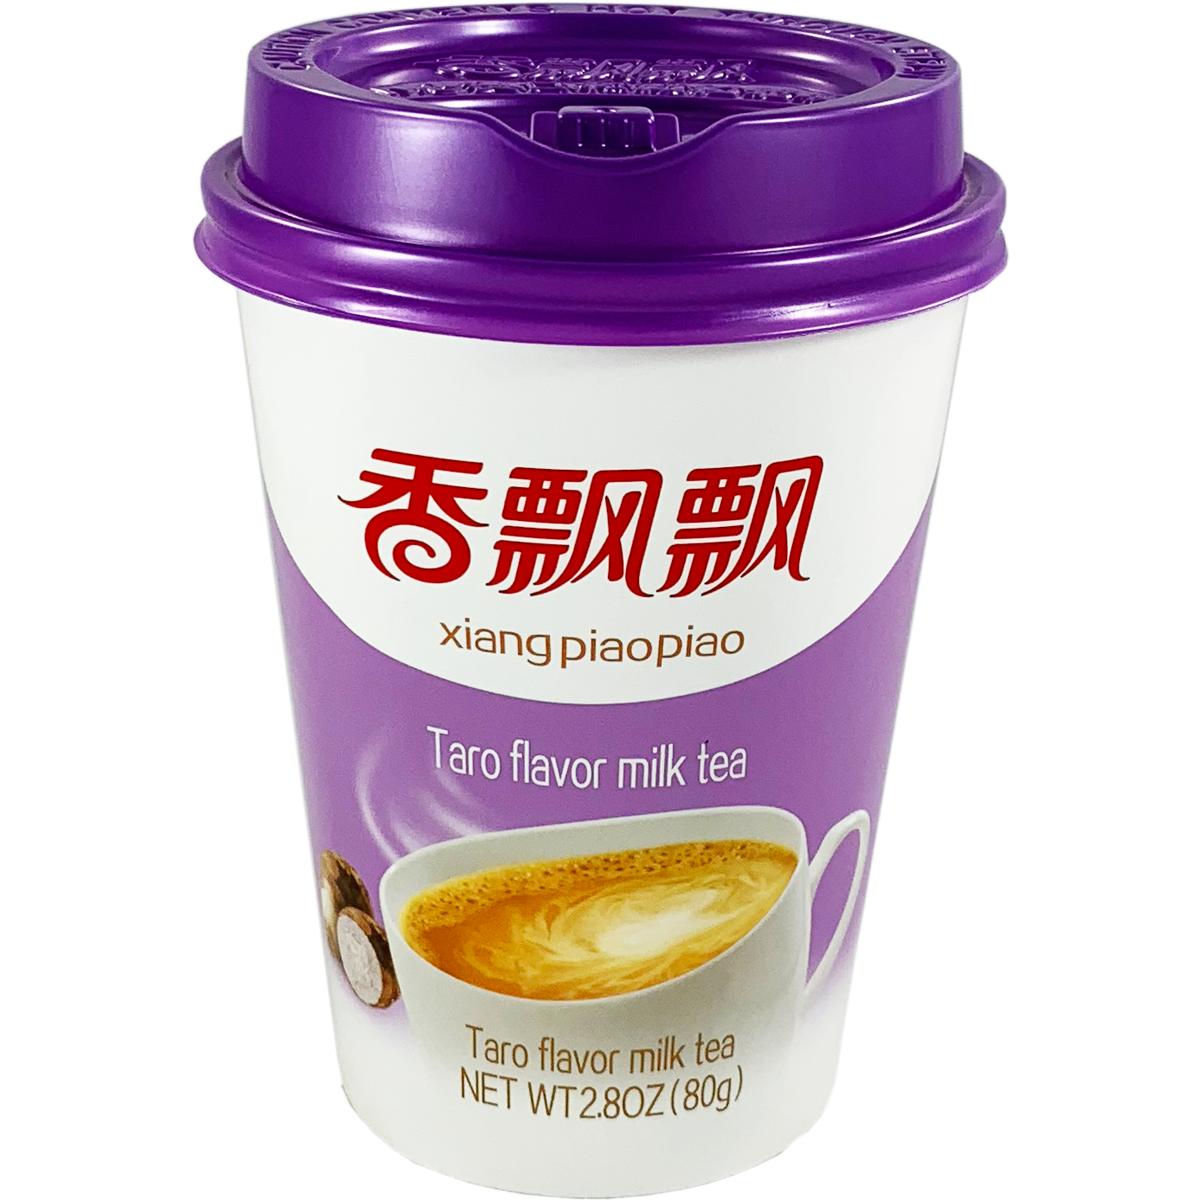 Xiang Piao Piao - Taro Image